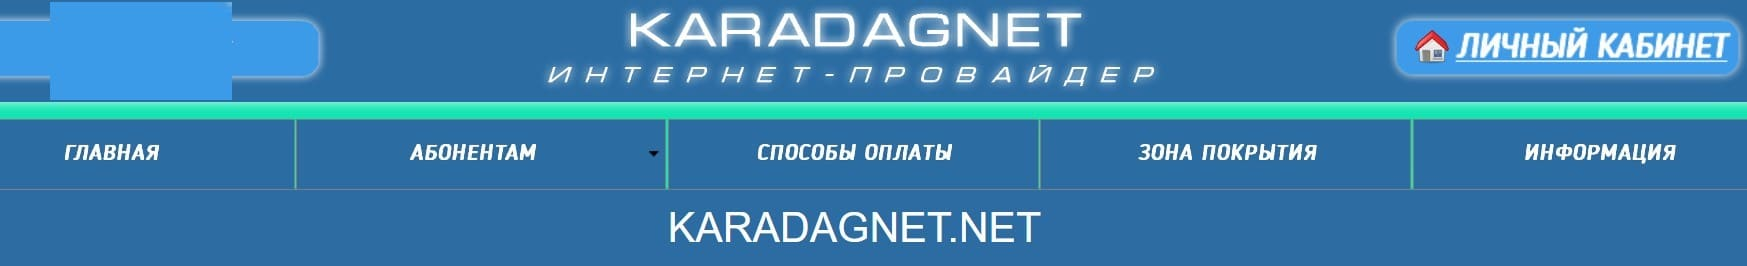 Karadagnet.net личный кабинет